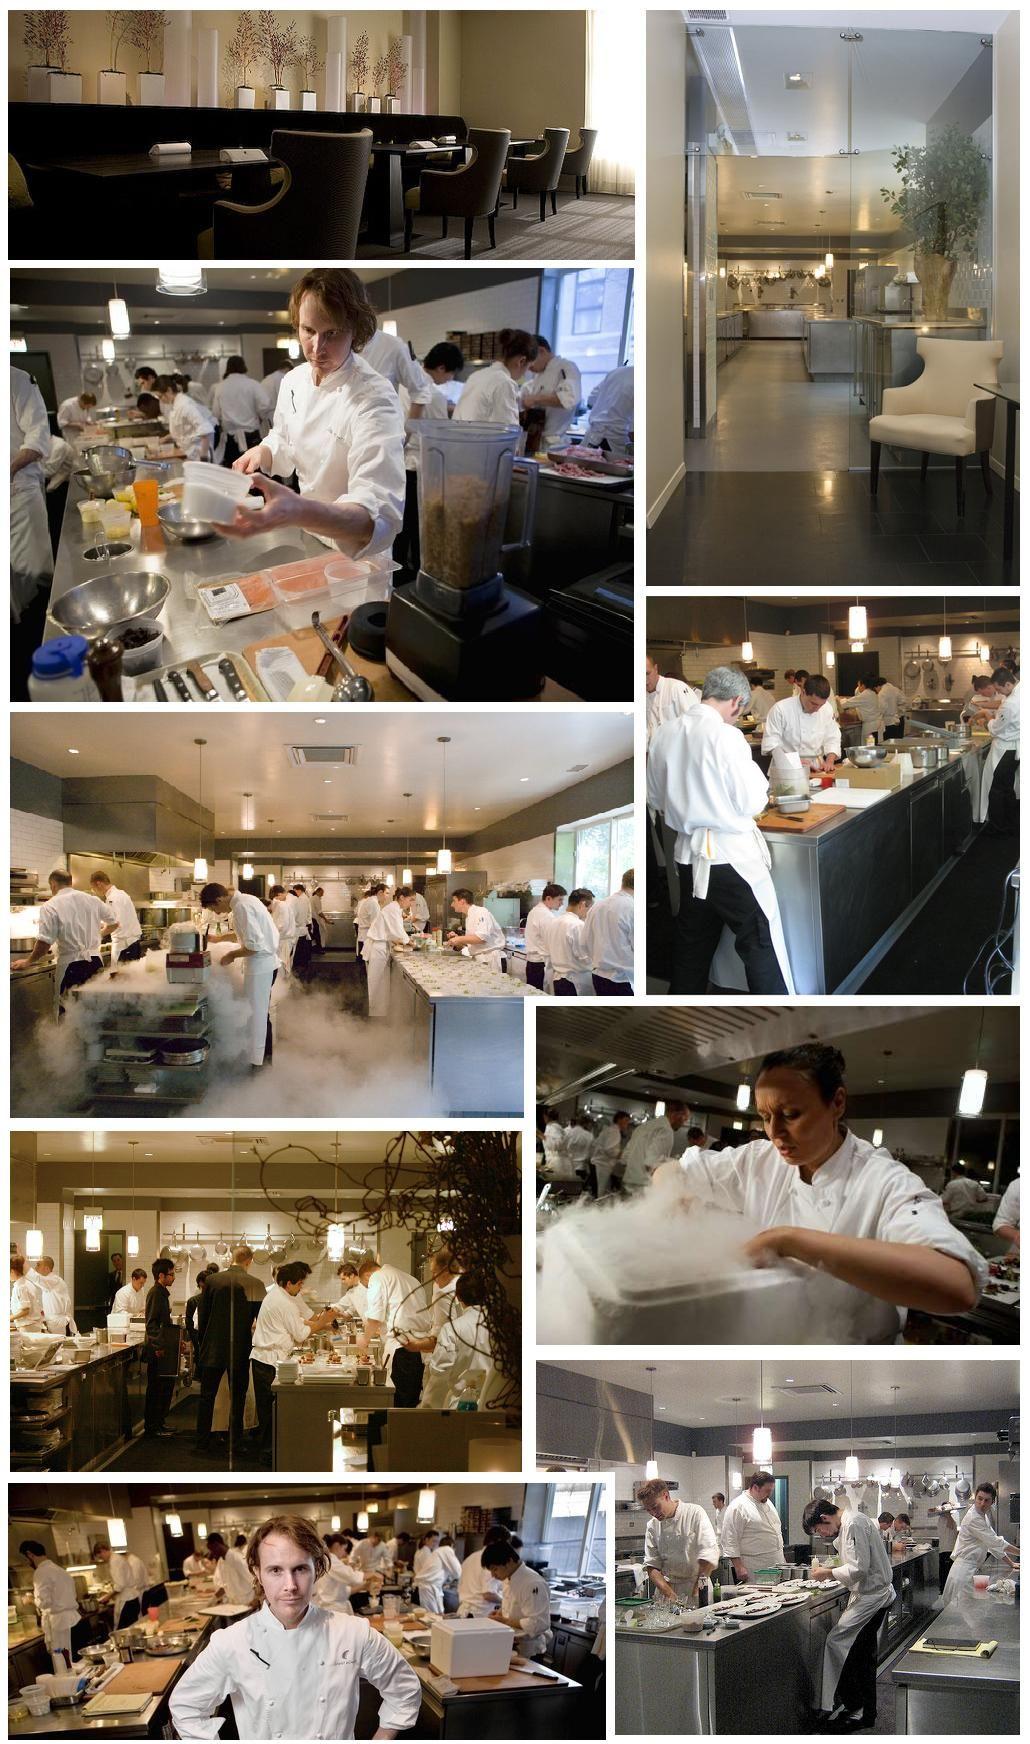 Restaurant kitchen design  Alinea restaurant kitchen  KitchenInside  Pinterest  Restaurant